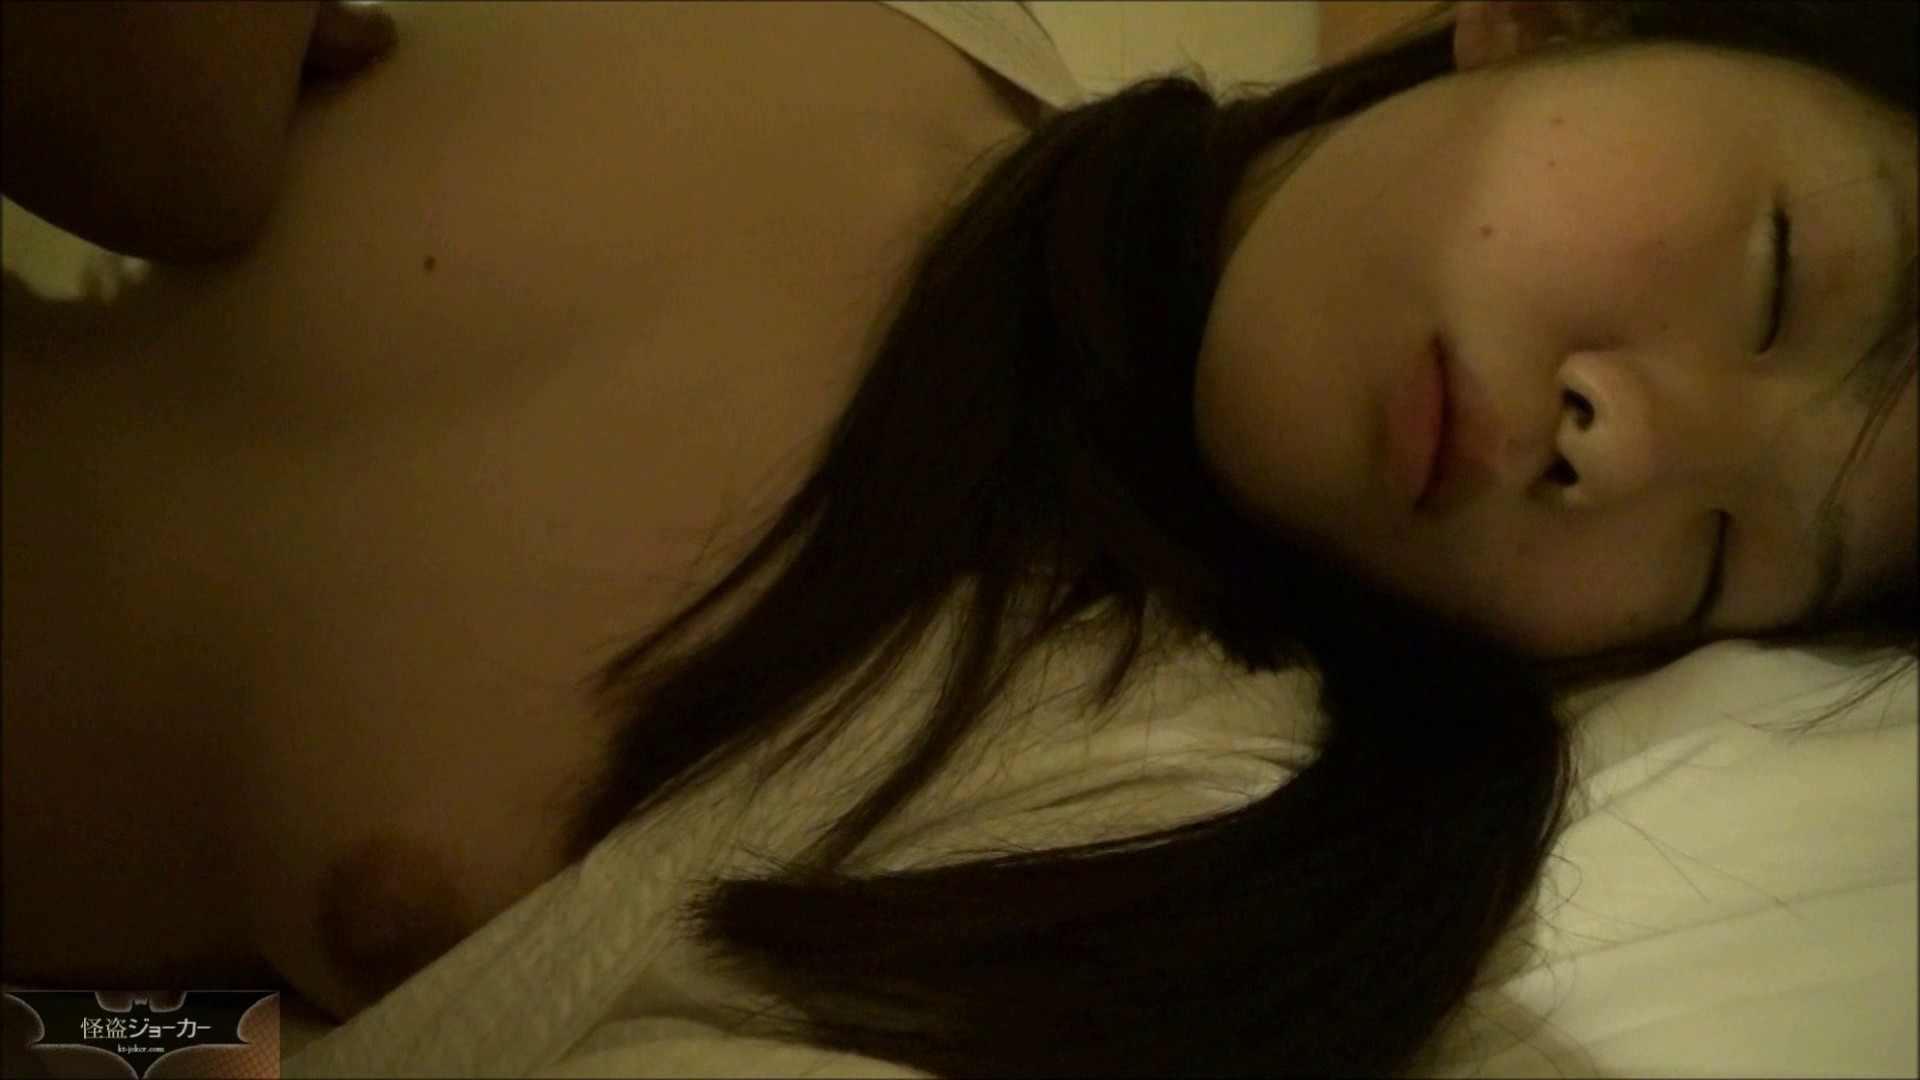 【未公開】vol.78 {関東某有名お嬢様JD}yuunaちゃん② 丸見えマンコ   フェラ  111画像 78